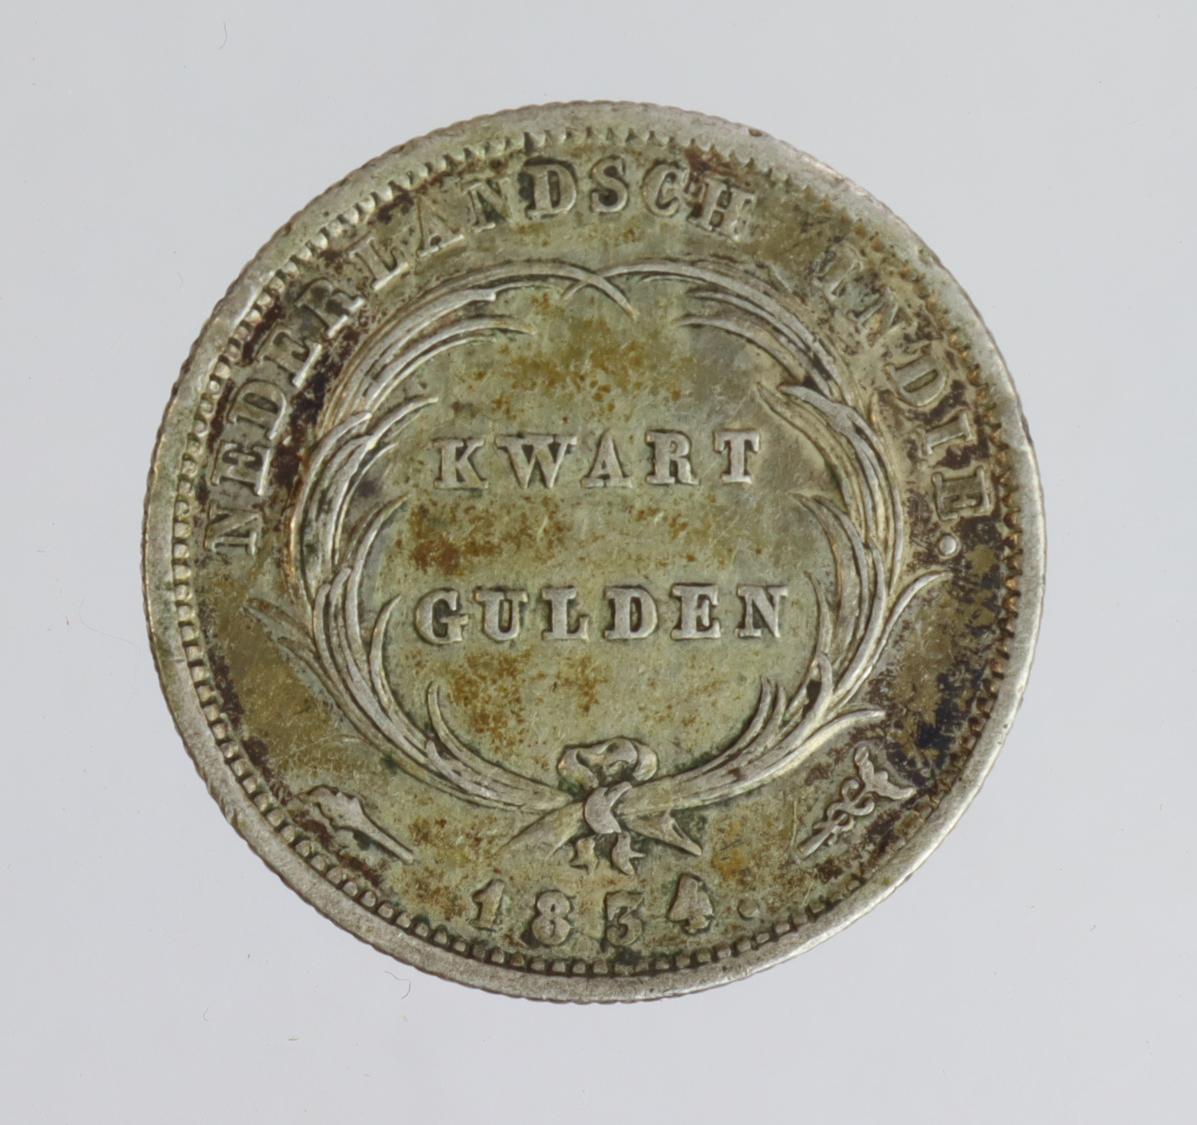 Netherlands East Indies 1/4 Gulden 1834 VF-GVF - Image 2 of 2